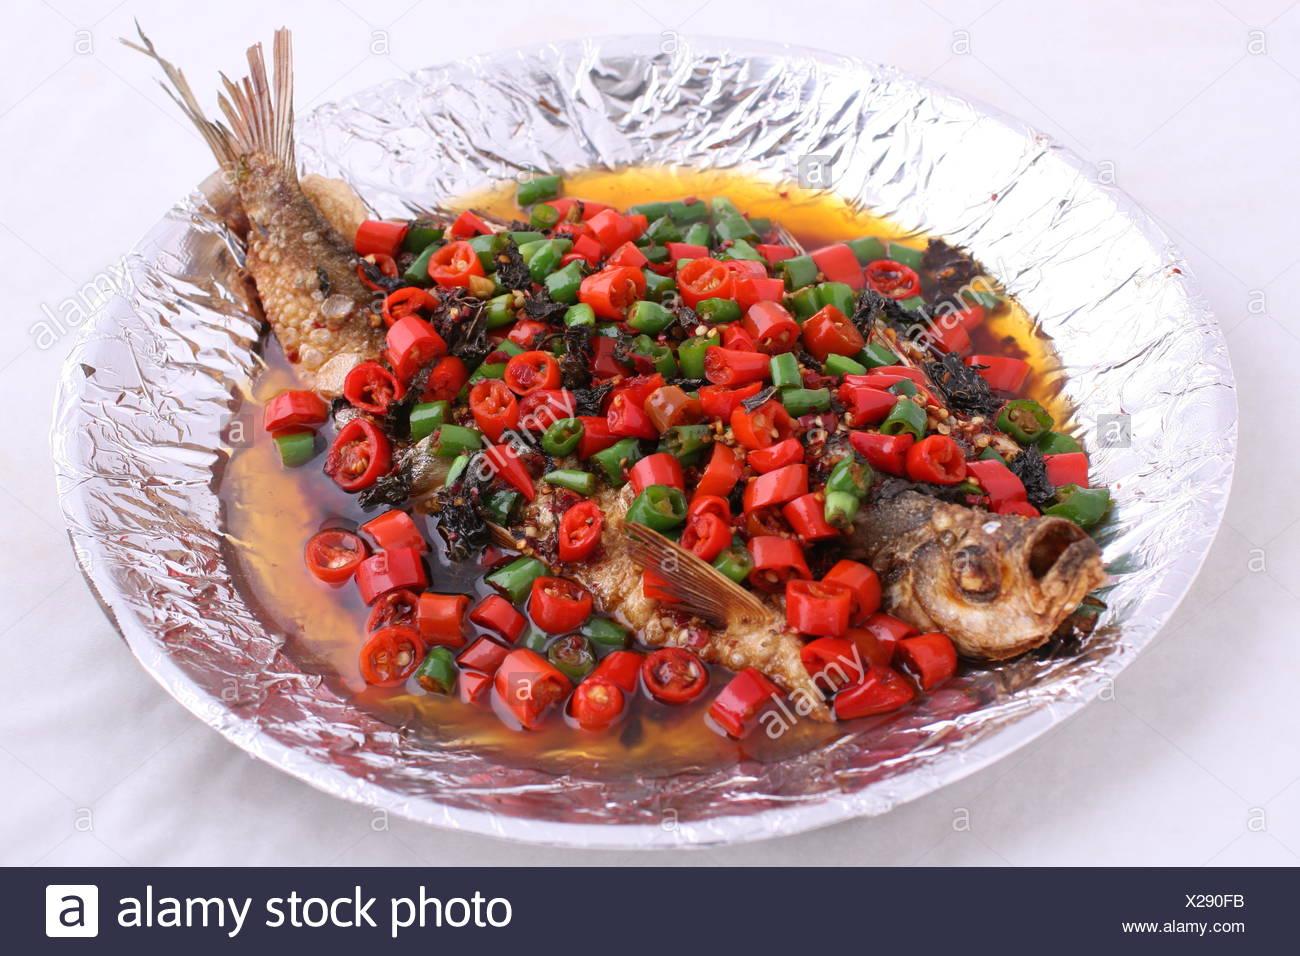 Pan tilt your fish - Stock Image